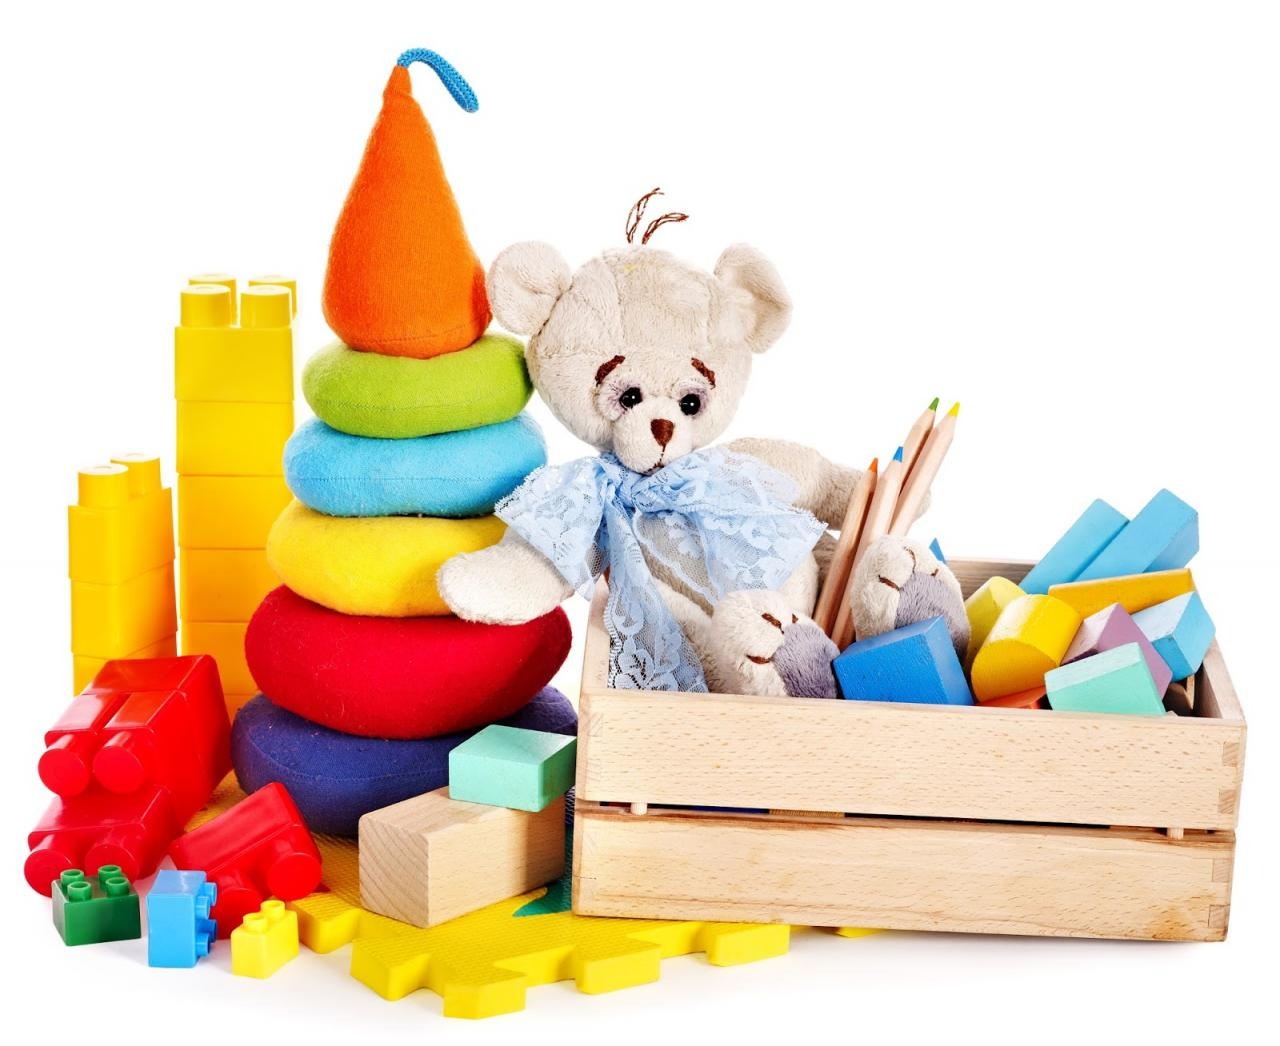 oyuncak ile ilgili görsel sonucu